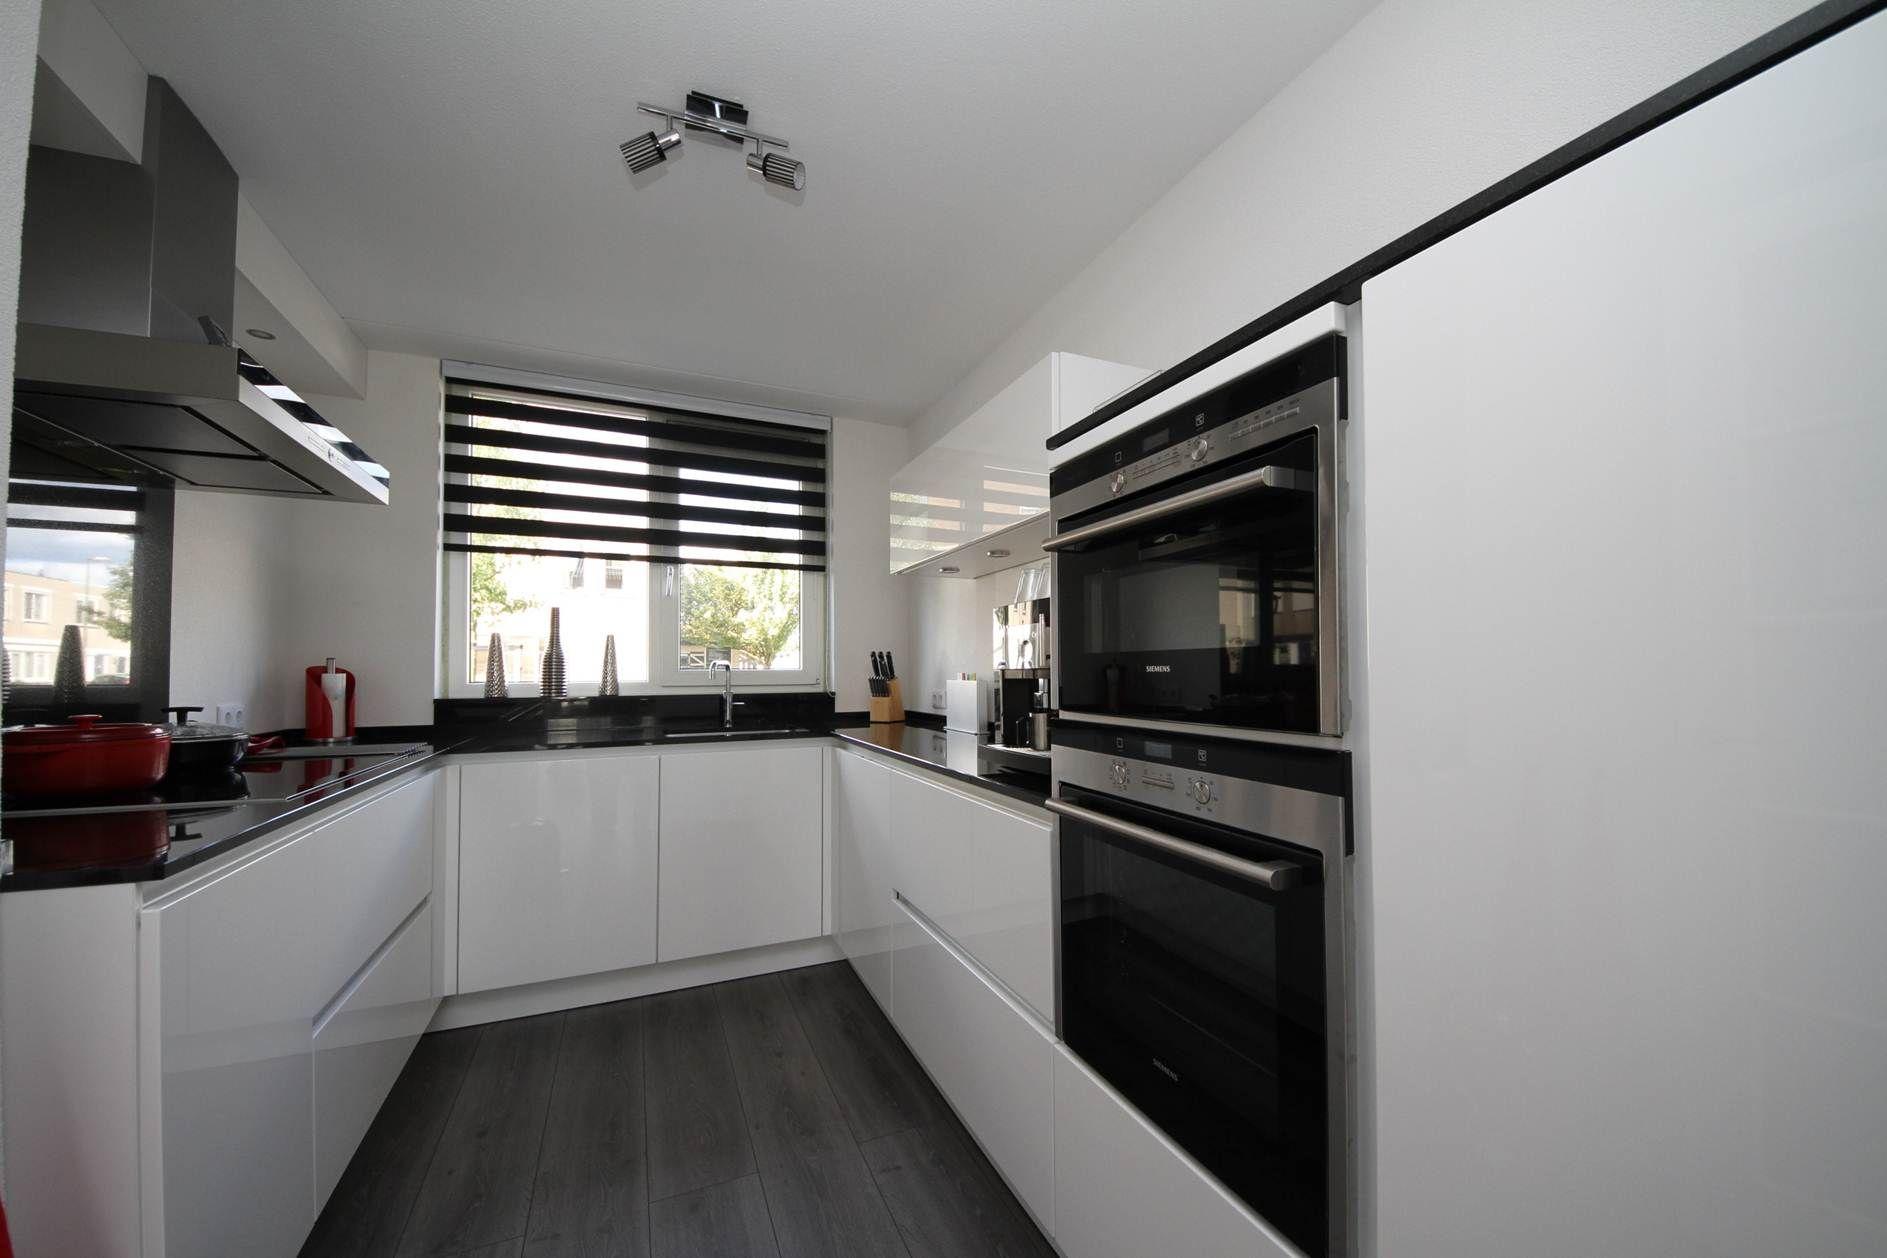 Keuken Zwart Blad : Zwarte keuken grijs blad graniet aanrechtblad kopen wij bieden